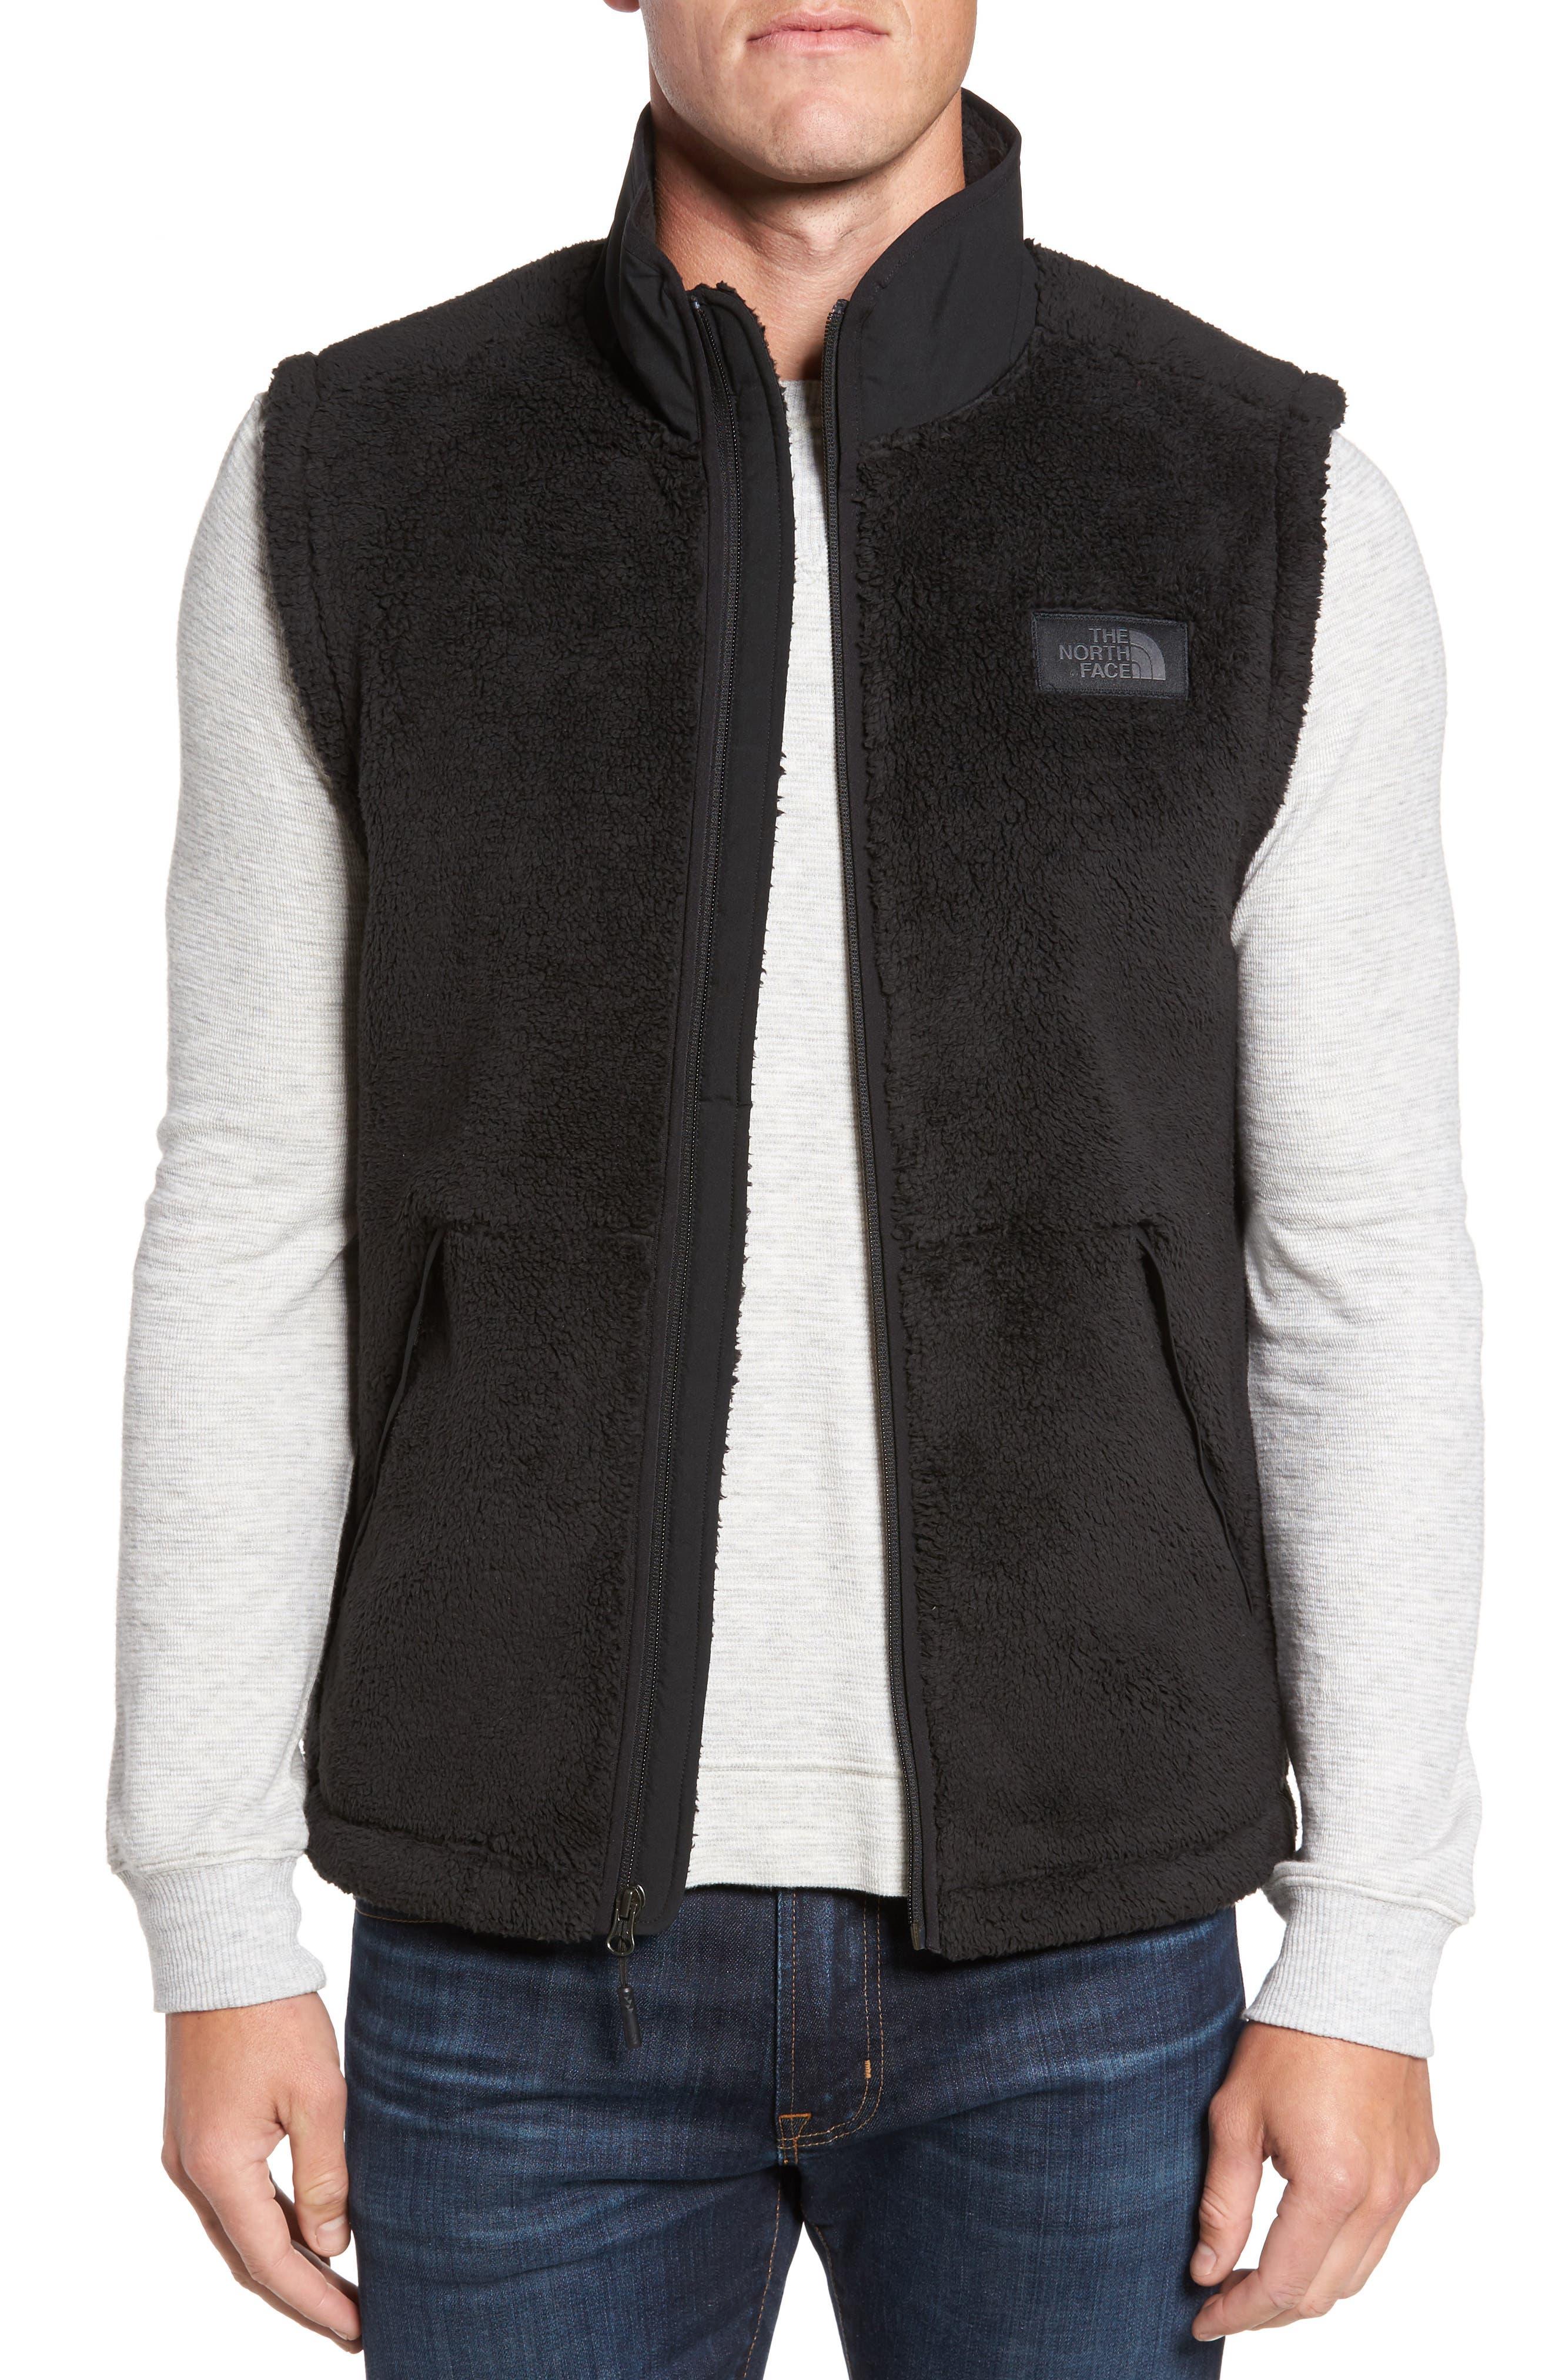 Campshire Fleece Vest,                             Main thumbnail 1, color,                             Black